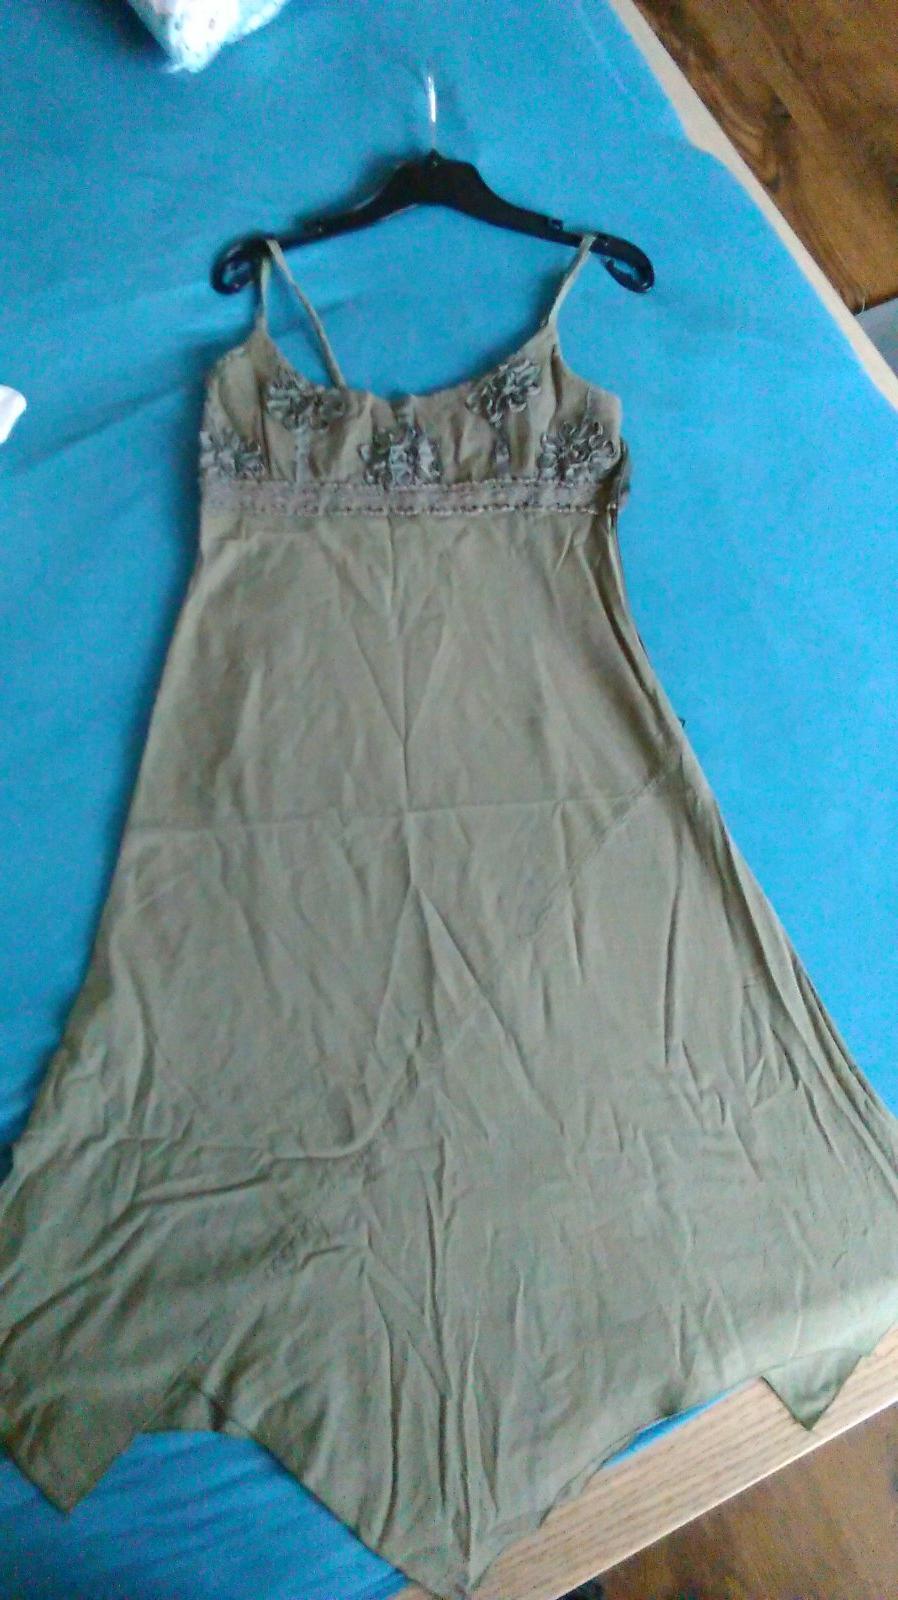 5ce2f9c67f98 -neberiem oblečenie späť- dobre si rozmyslite kúpu -cena + poštovné -ak si  objednáte viac veci